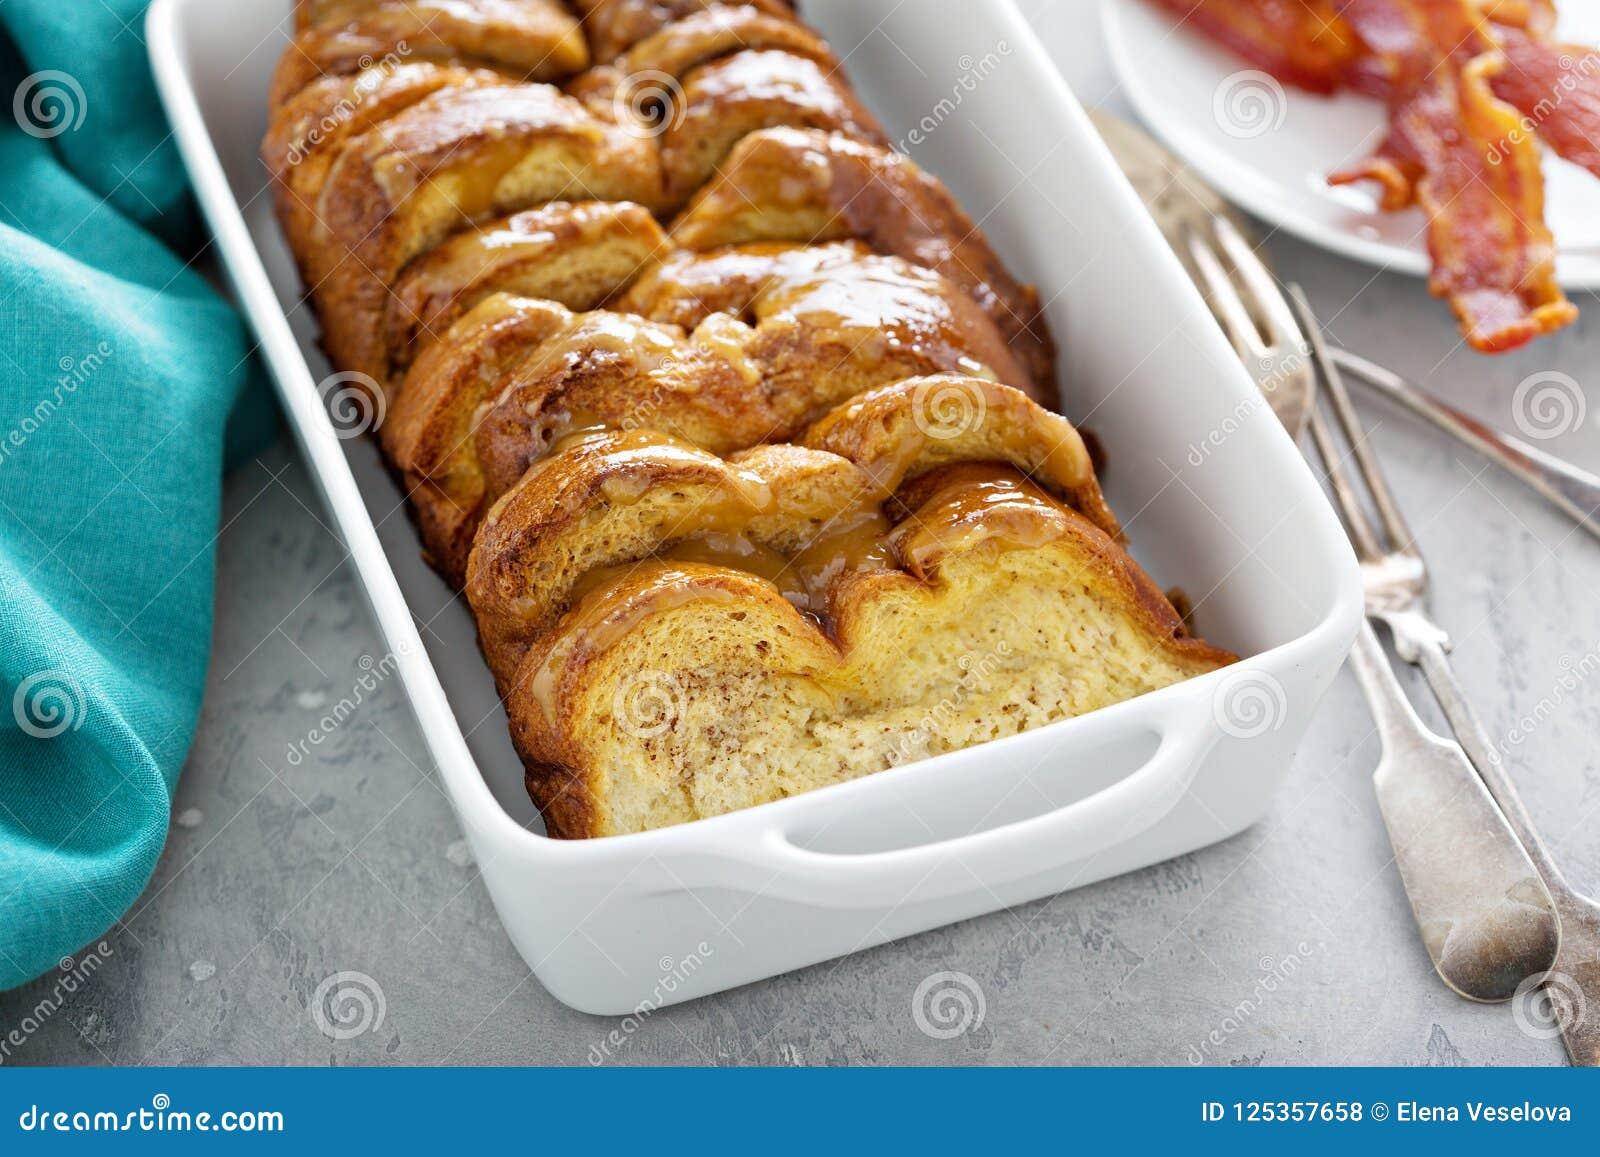 Il pane inzuppato in latte/uova e zucchero e fritto in padella cuoce in un piatto bianco